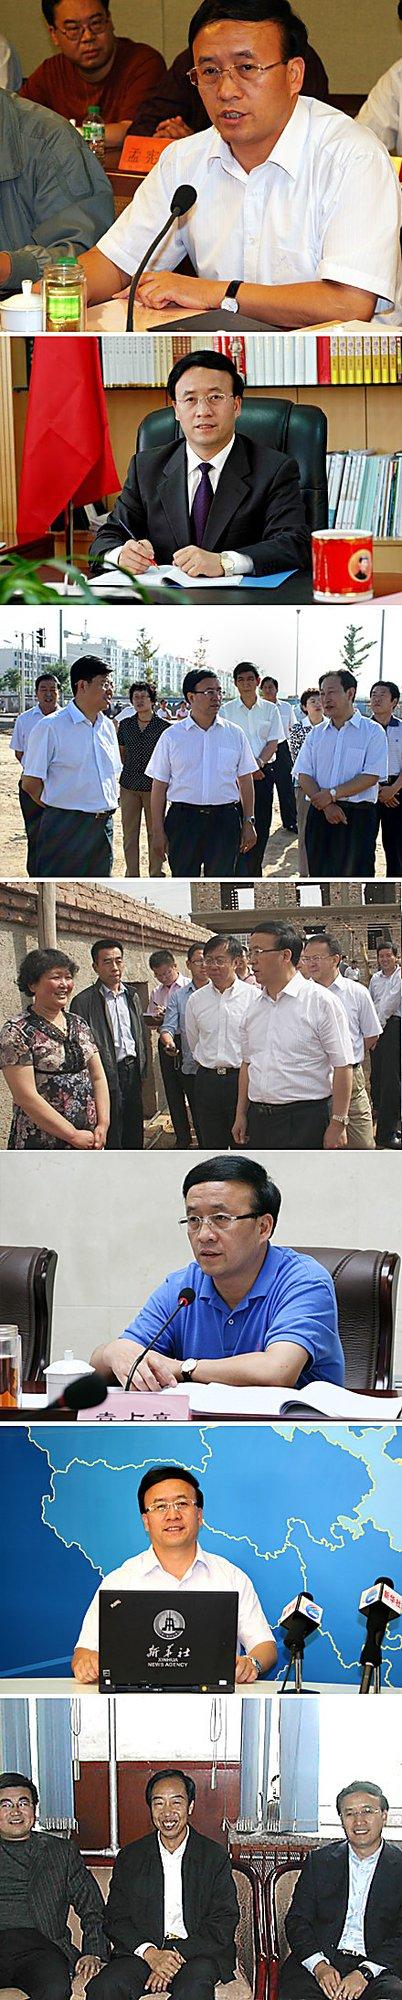 http://image.wenweipo.com/2012/12/05/20121205wxh0003.jpg